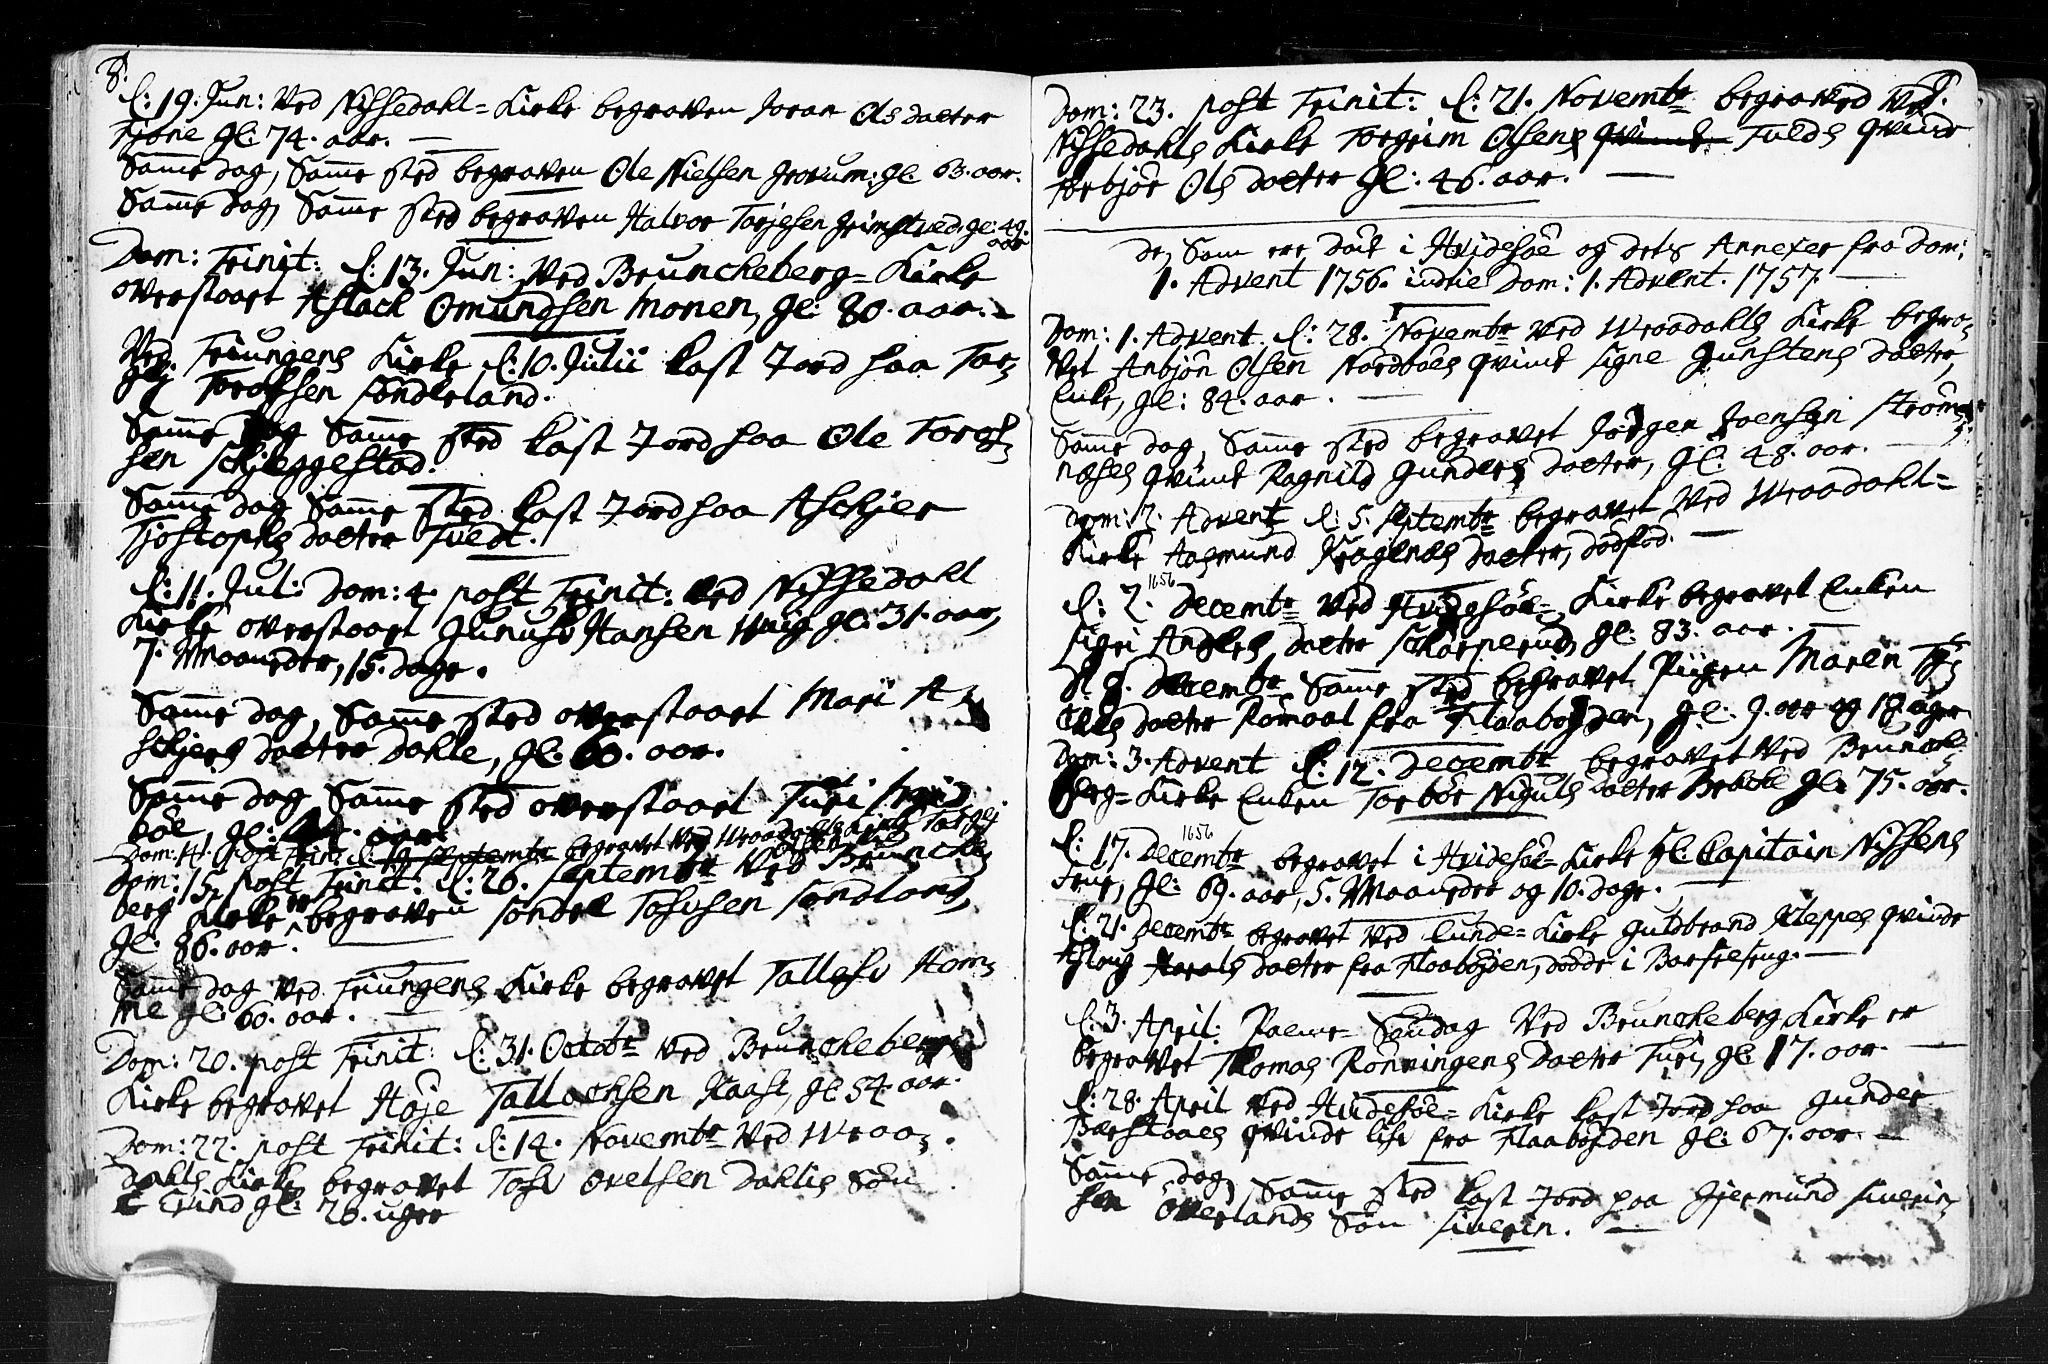 SAKO, Kviteseid kirkebøker, F/Fa/L0001: Ministerialbok nr. I 1, 1754-1773, s. 8-9